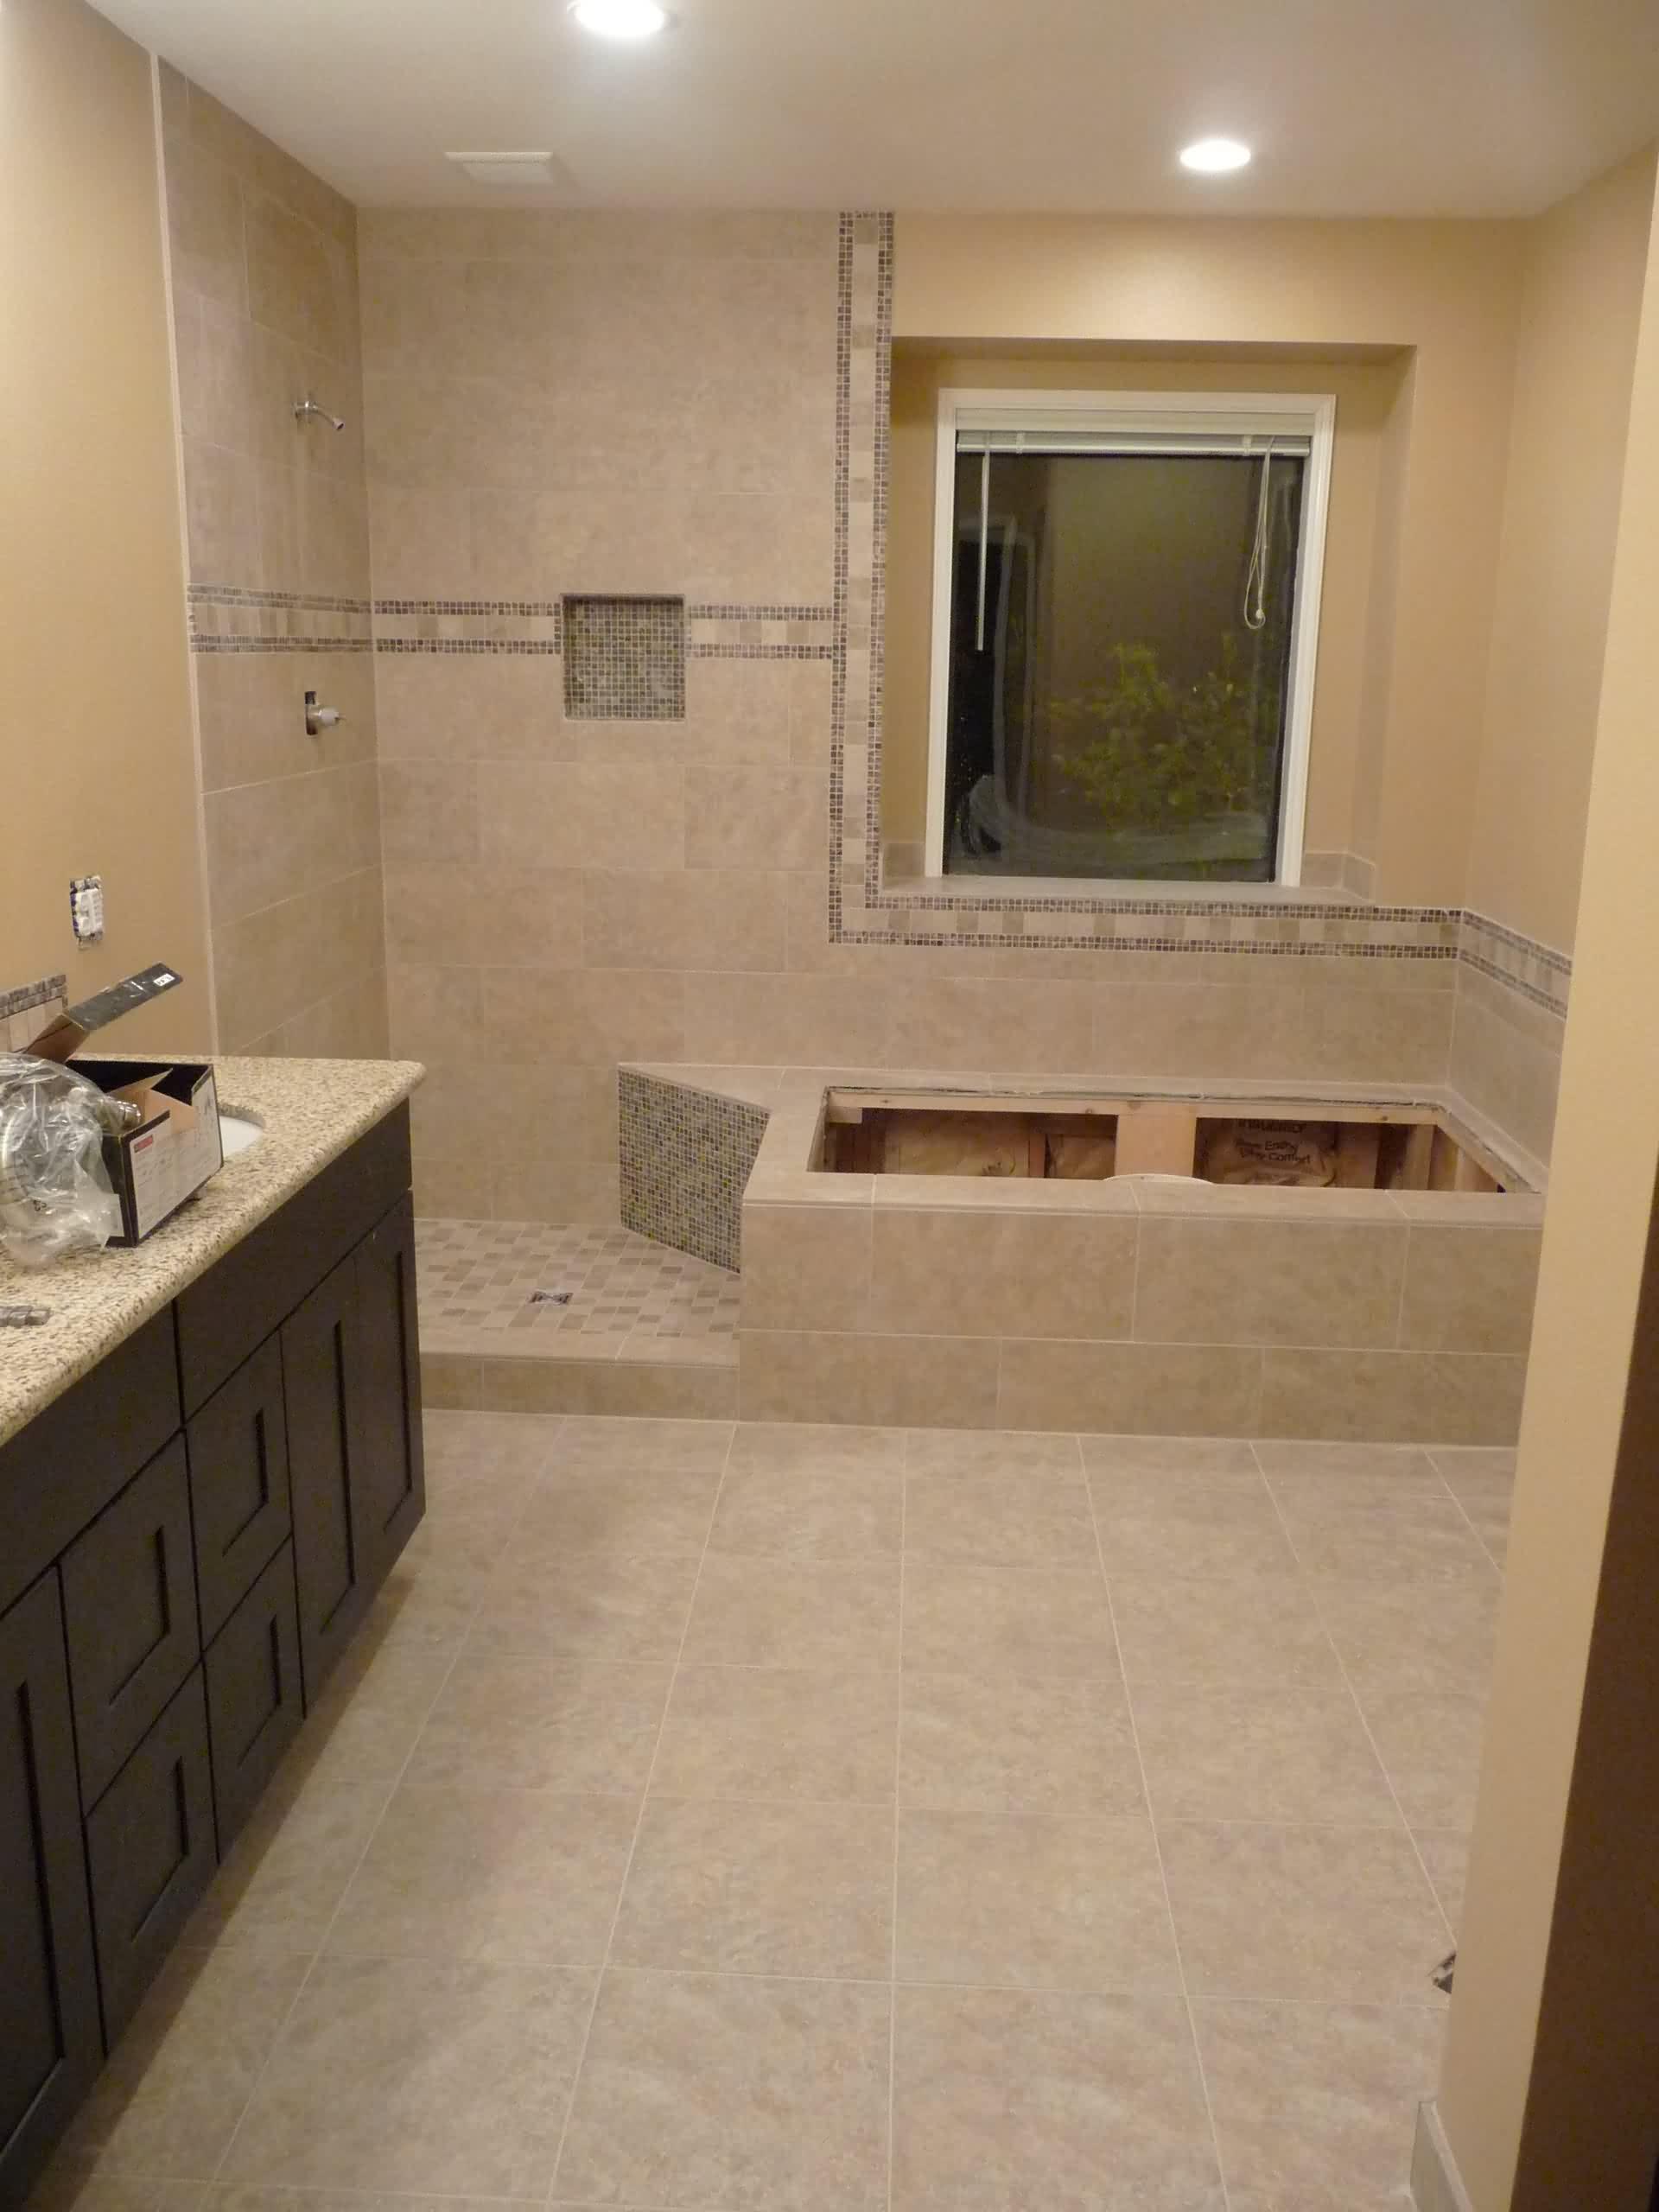 Bathroom Remodel in Lynnwood